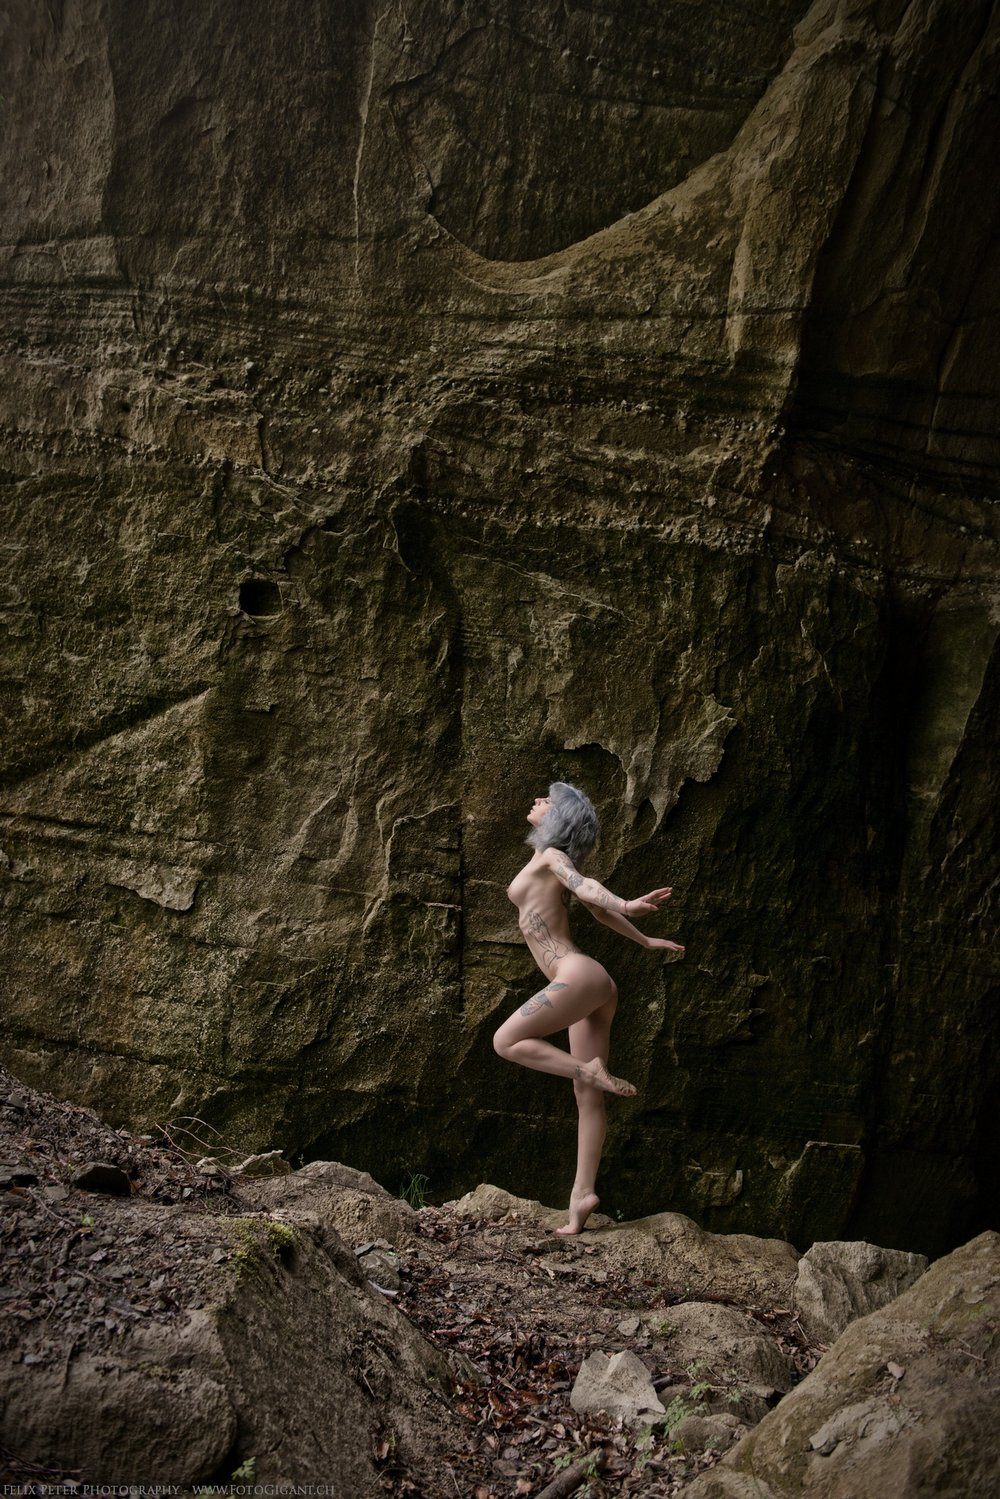 Felix-Peter-NudeArt-Photography_Bern_027.jpg